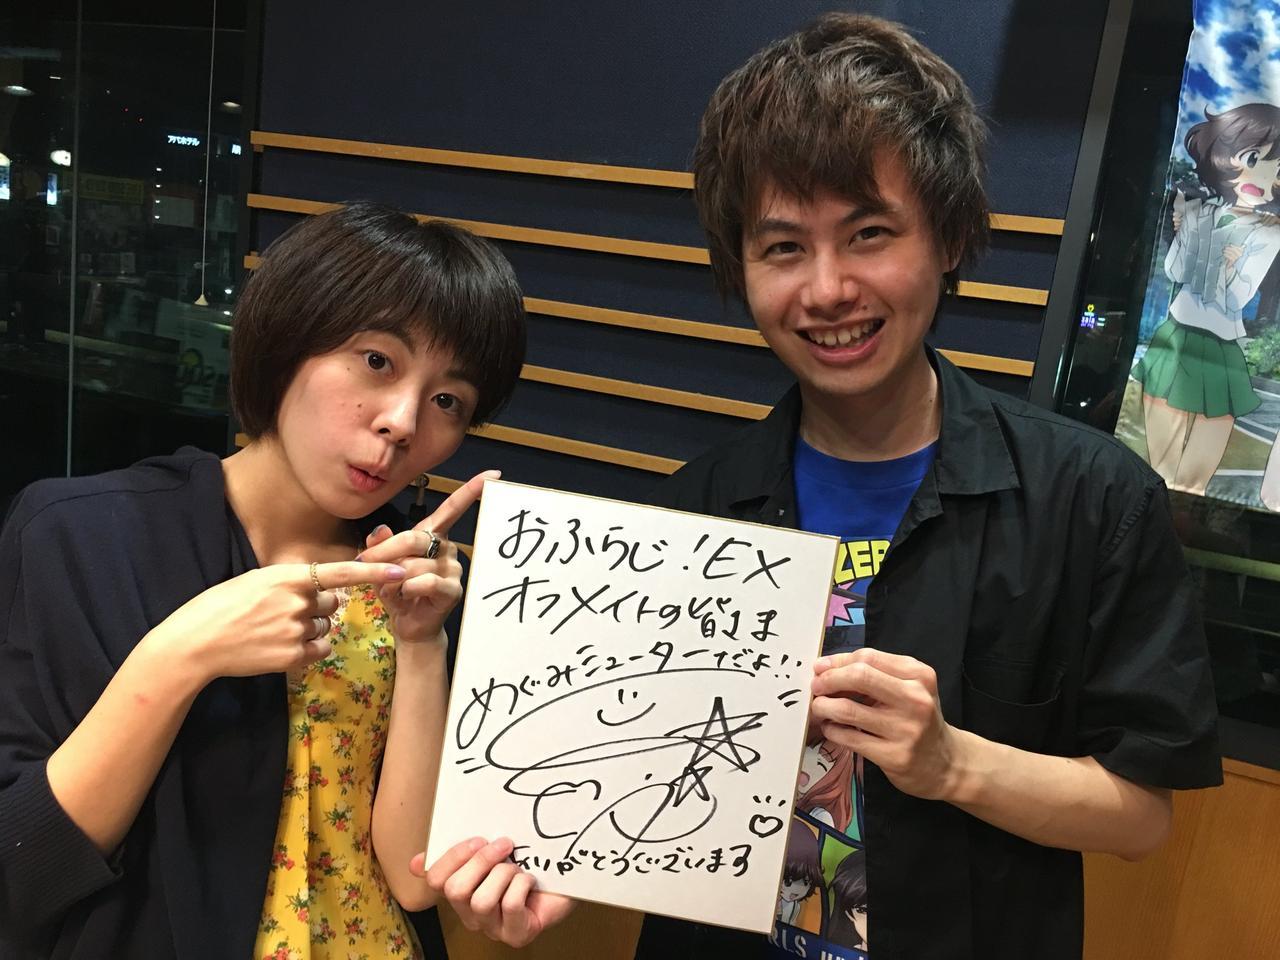 画像: おふらじ!EX@6/28はH20 on Twitter twitter.com